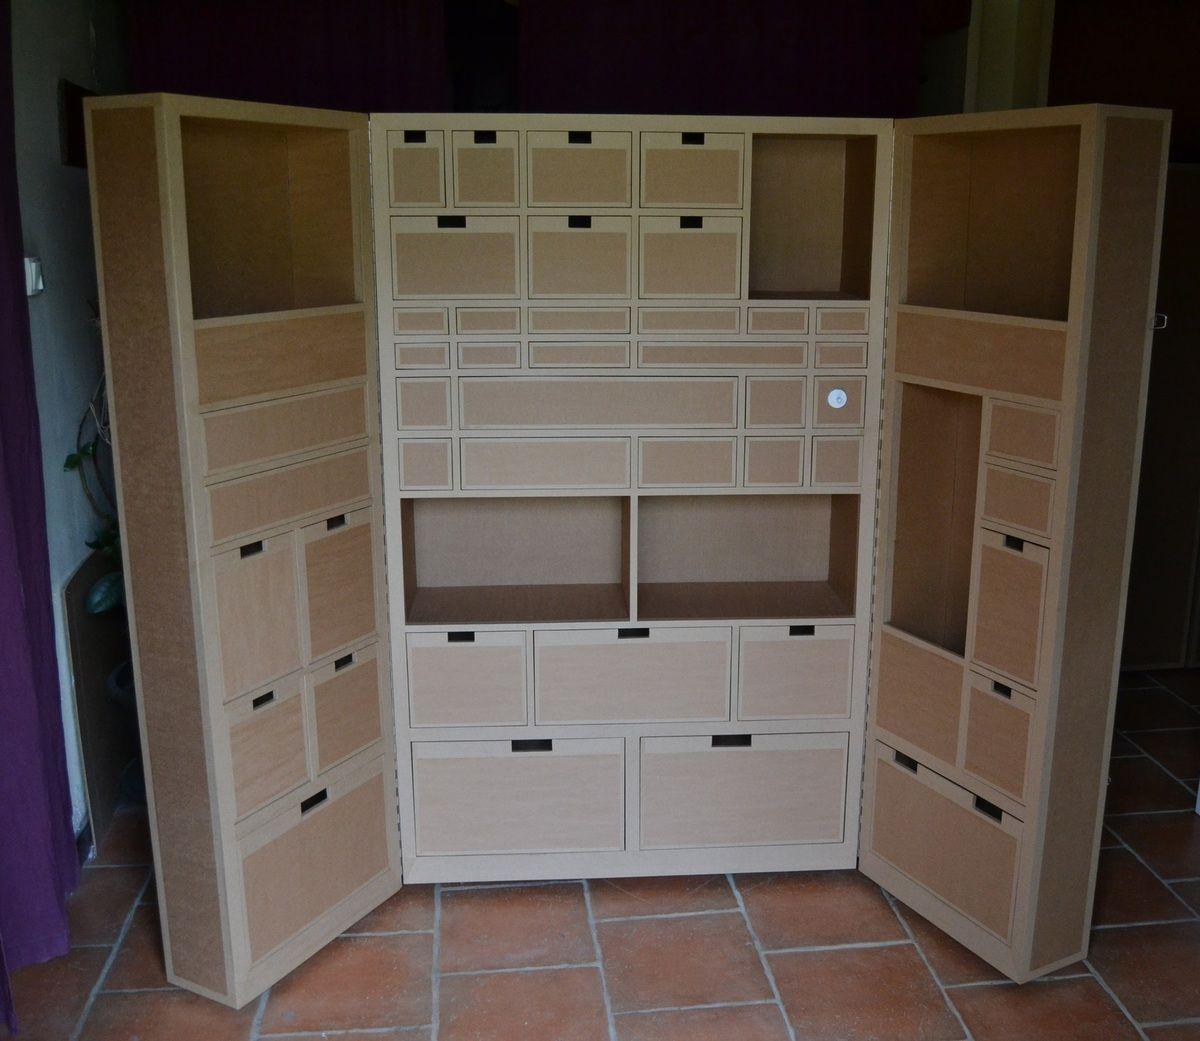 Armoire En Carton Pour Rangement De Materiel Electrique Sg Mobilier Carton Angers Rangement Habits Mobilier En Carton Rangement Carton